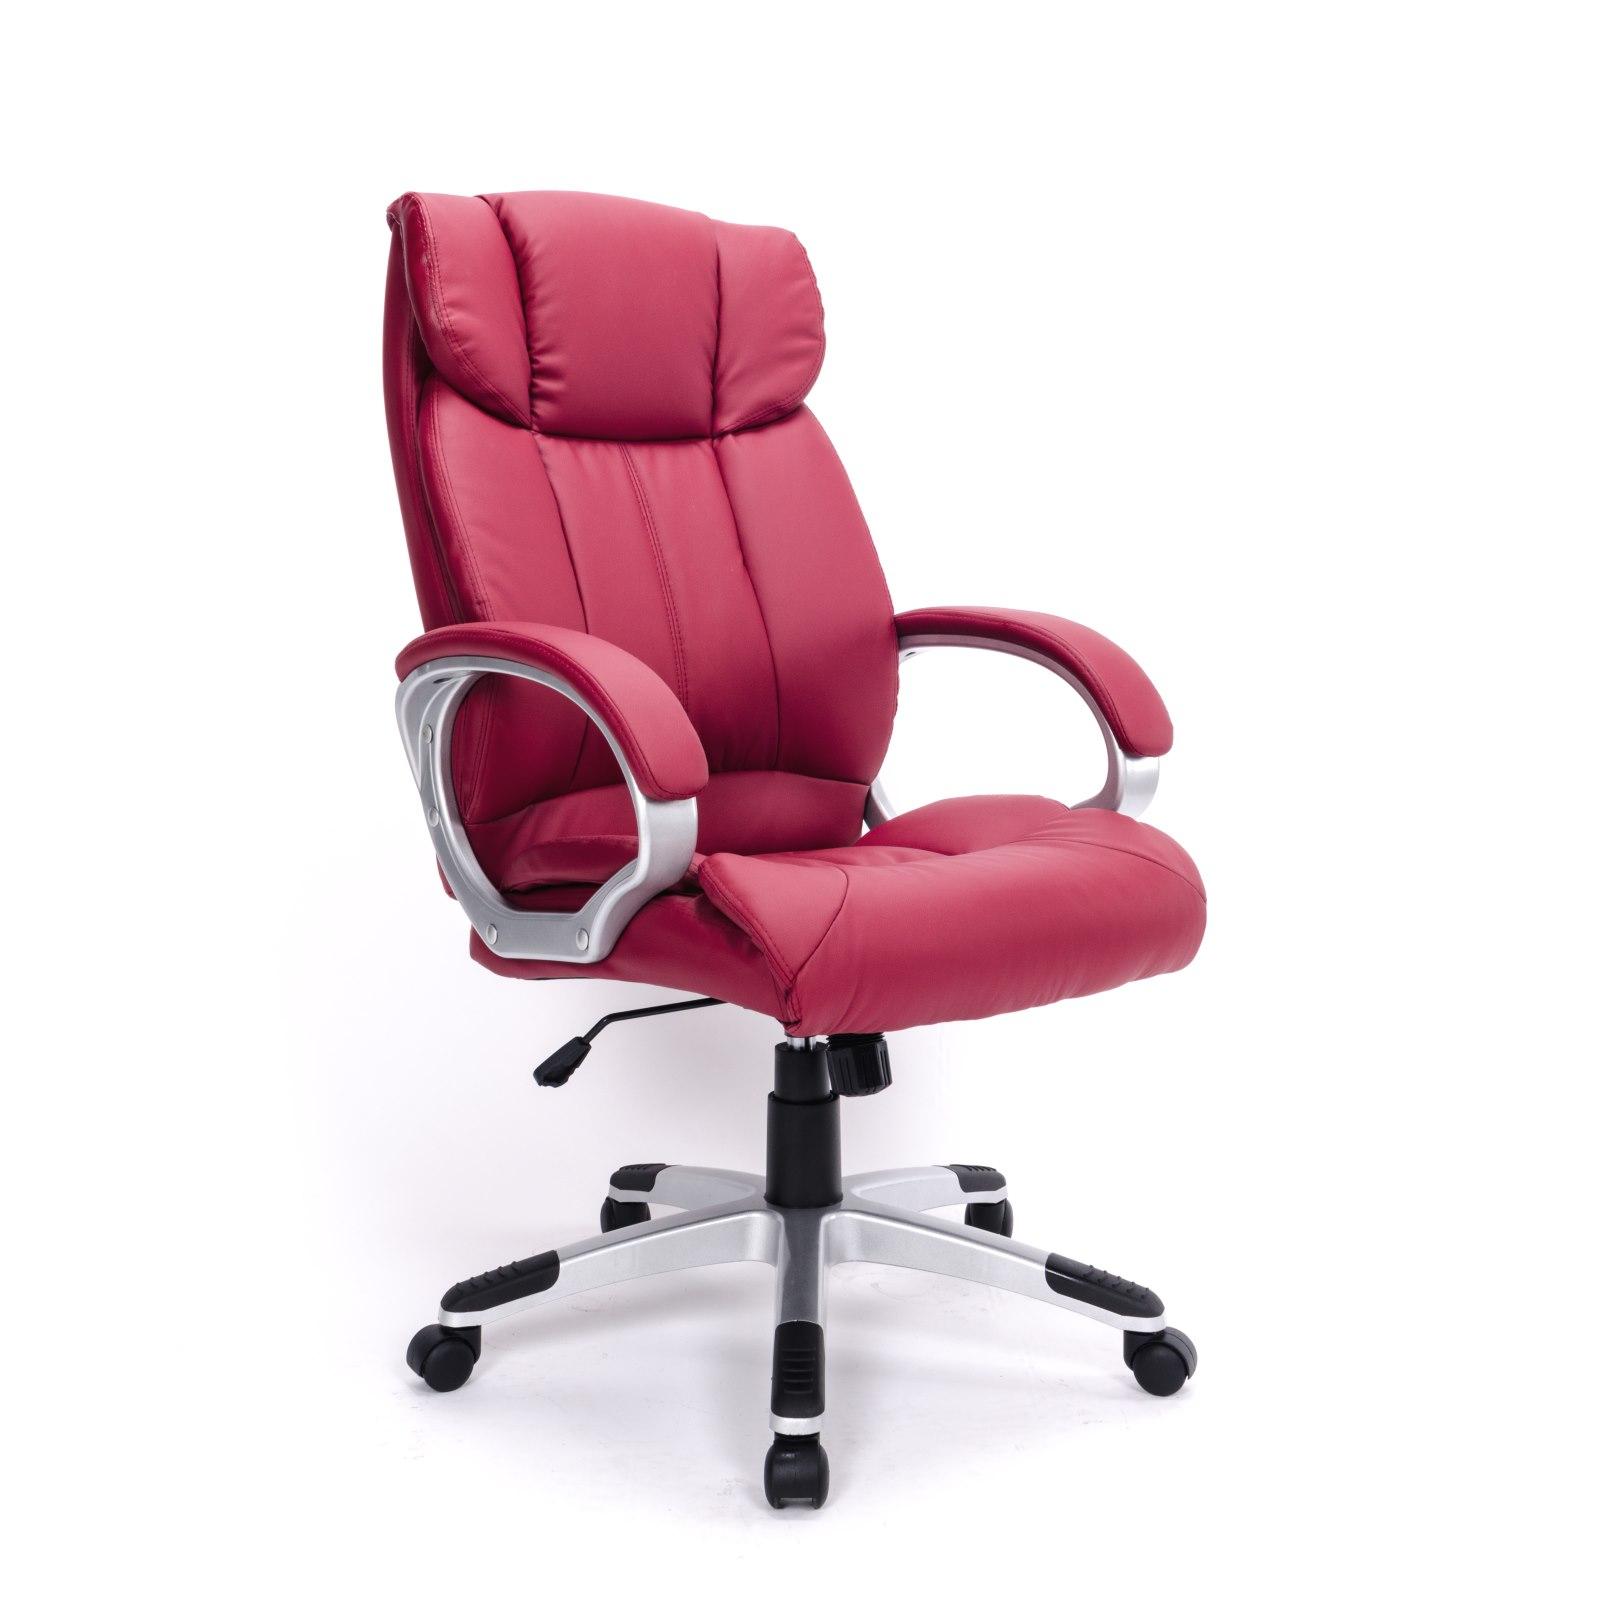 Silla de oficina imitaci n piel silla ejecutiva rojo for Sillas de imitacion